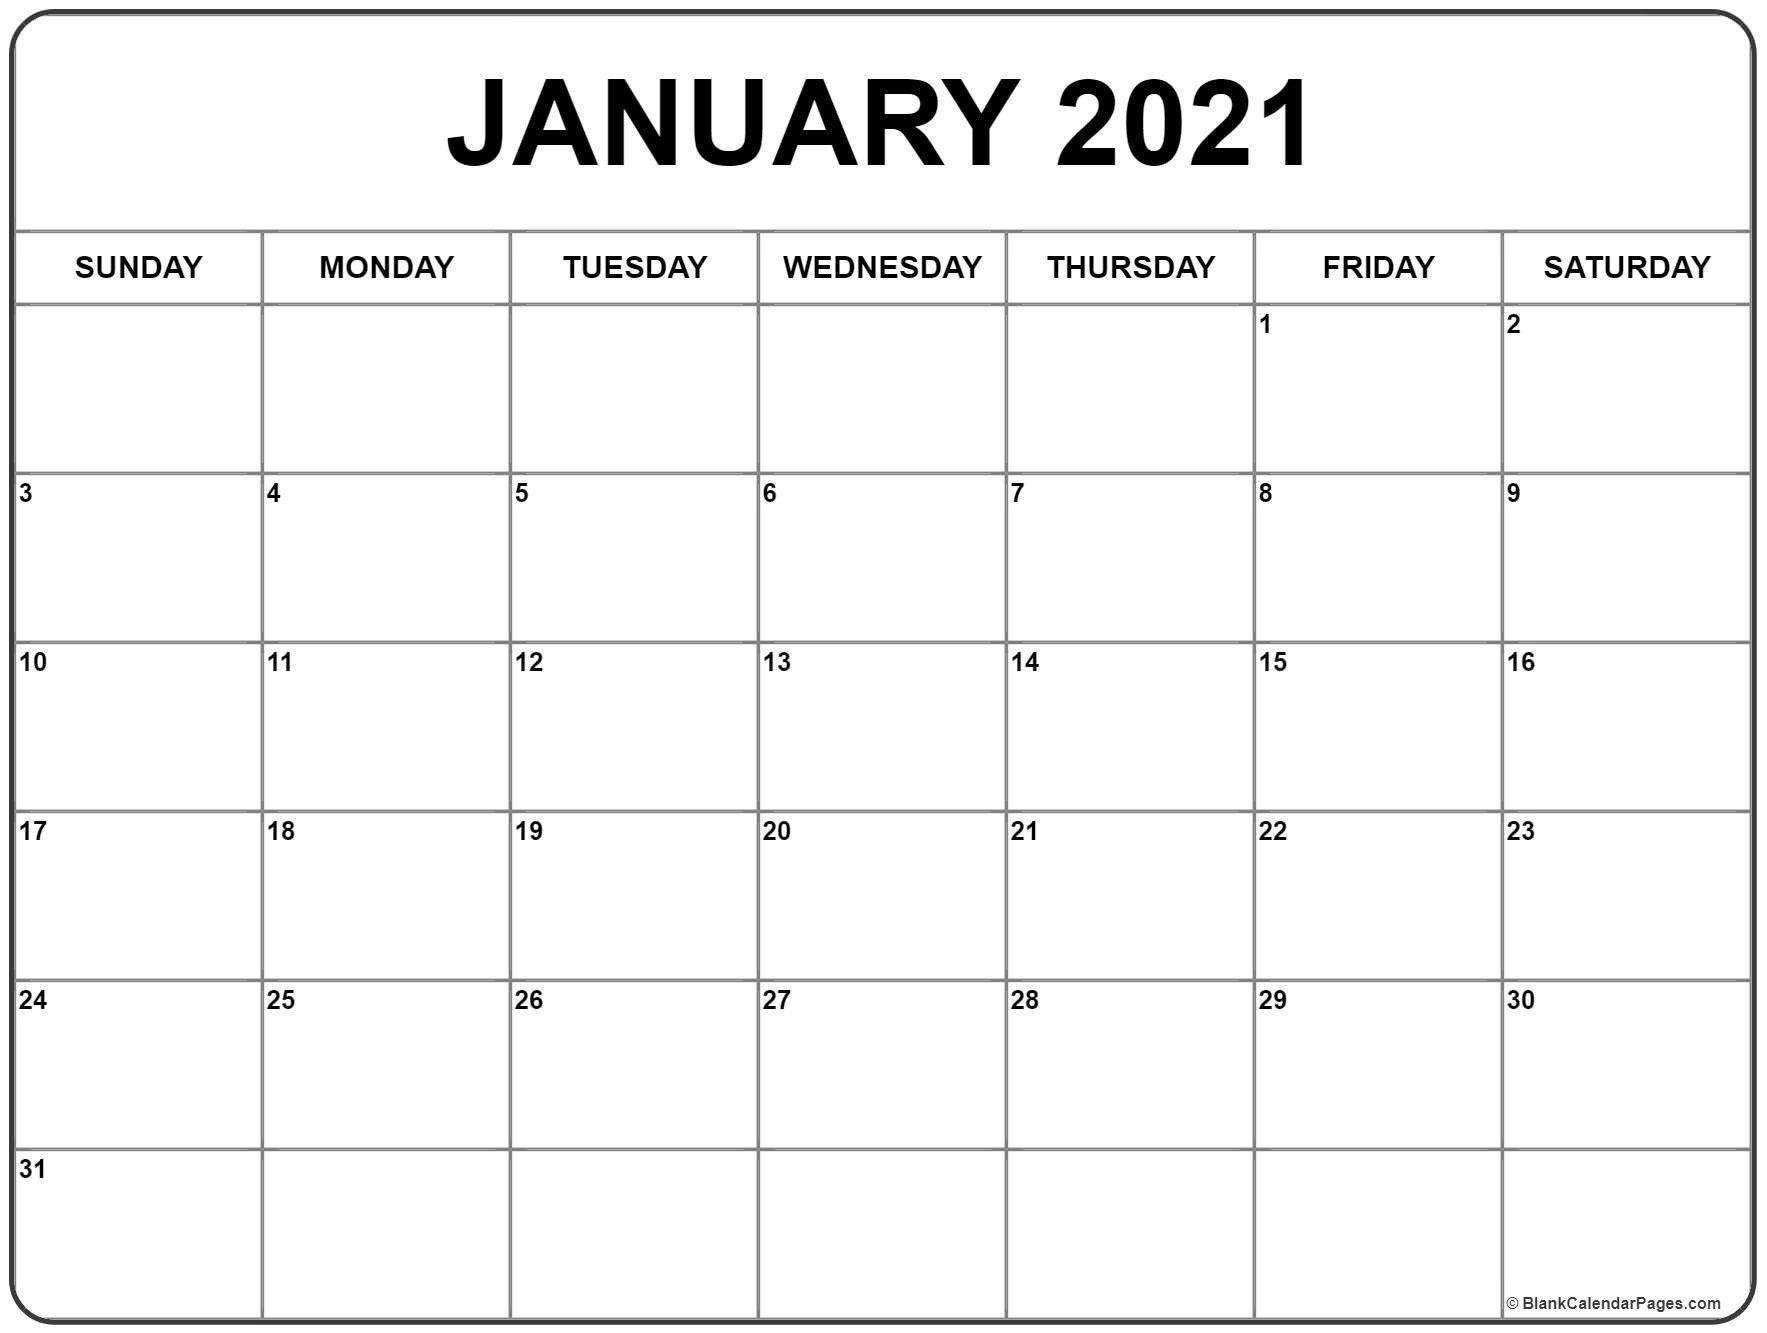 Free Printable Weekly Calendar 2021